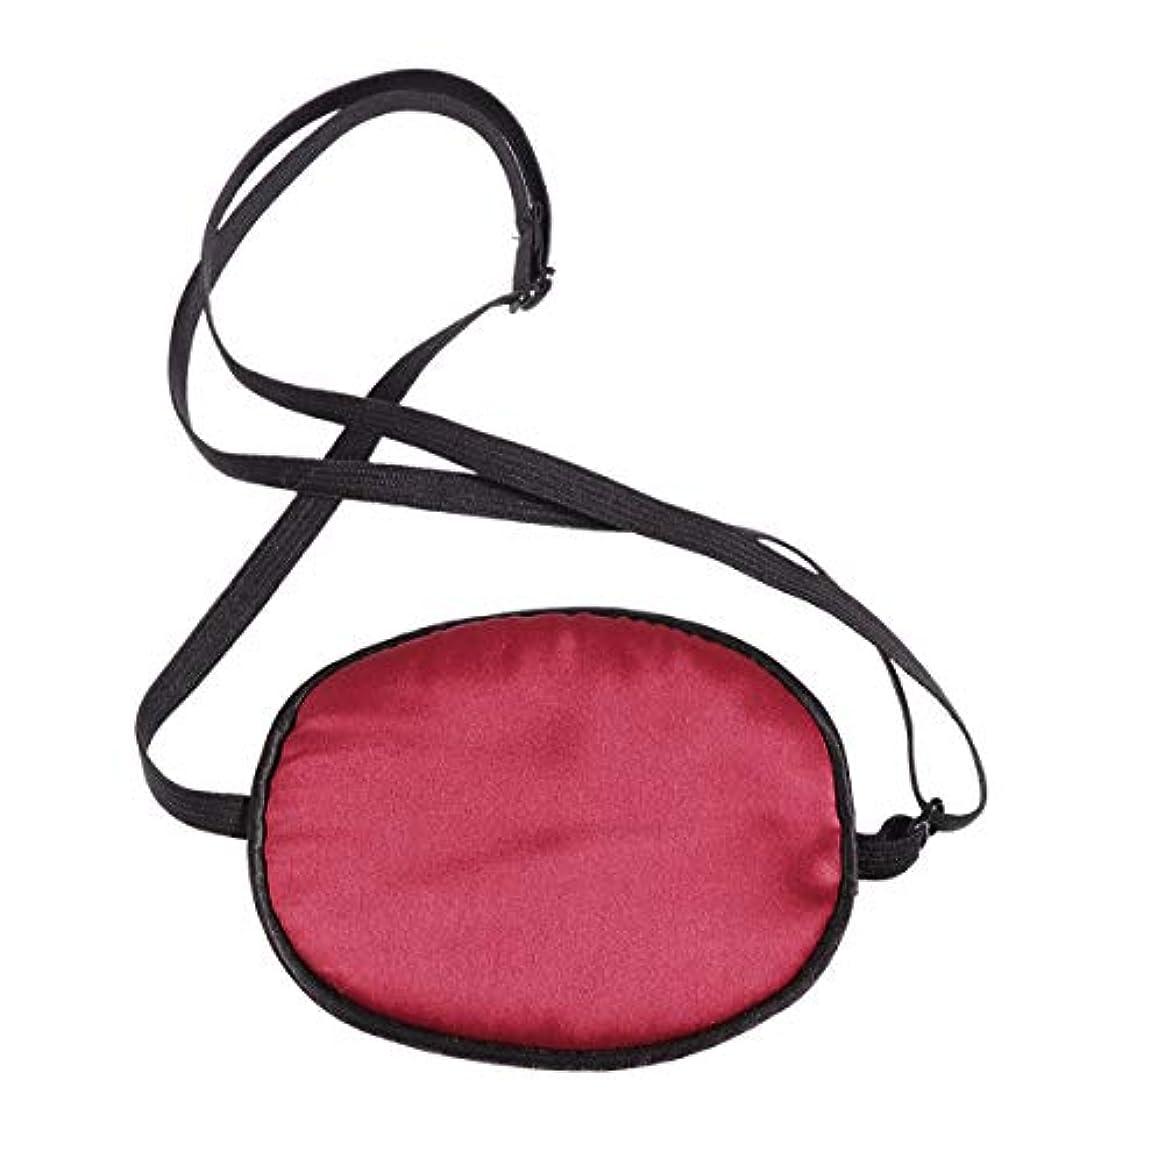 雑多な経験観点HEALIFTY 睡眠の目隠し調節可能な絹の海賊目のパッチ子供の弱視のためのソフトで快適な単一の目のマスク正面の怠惰な目